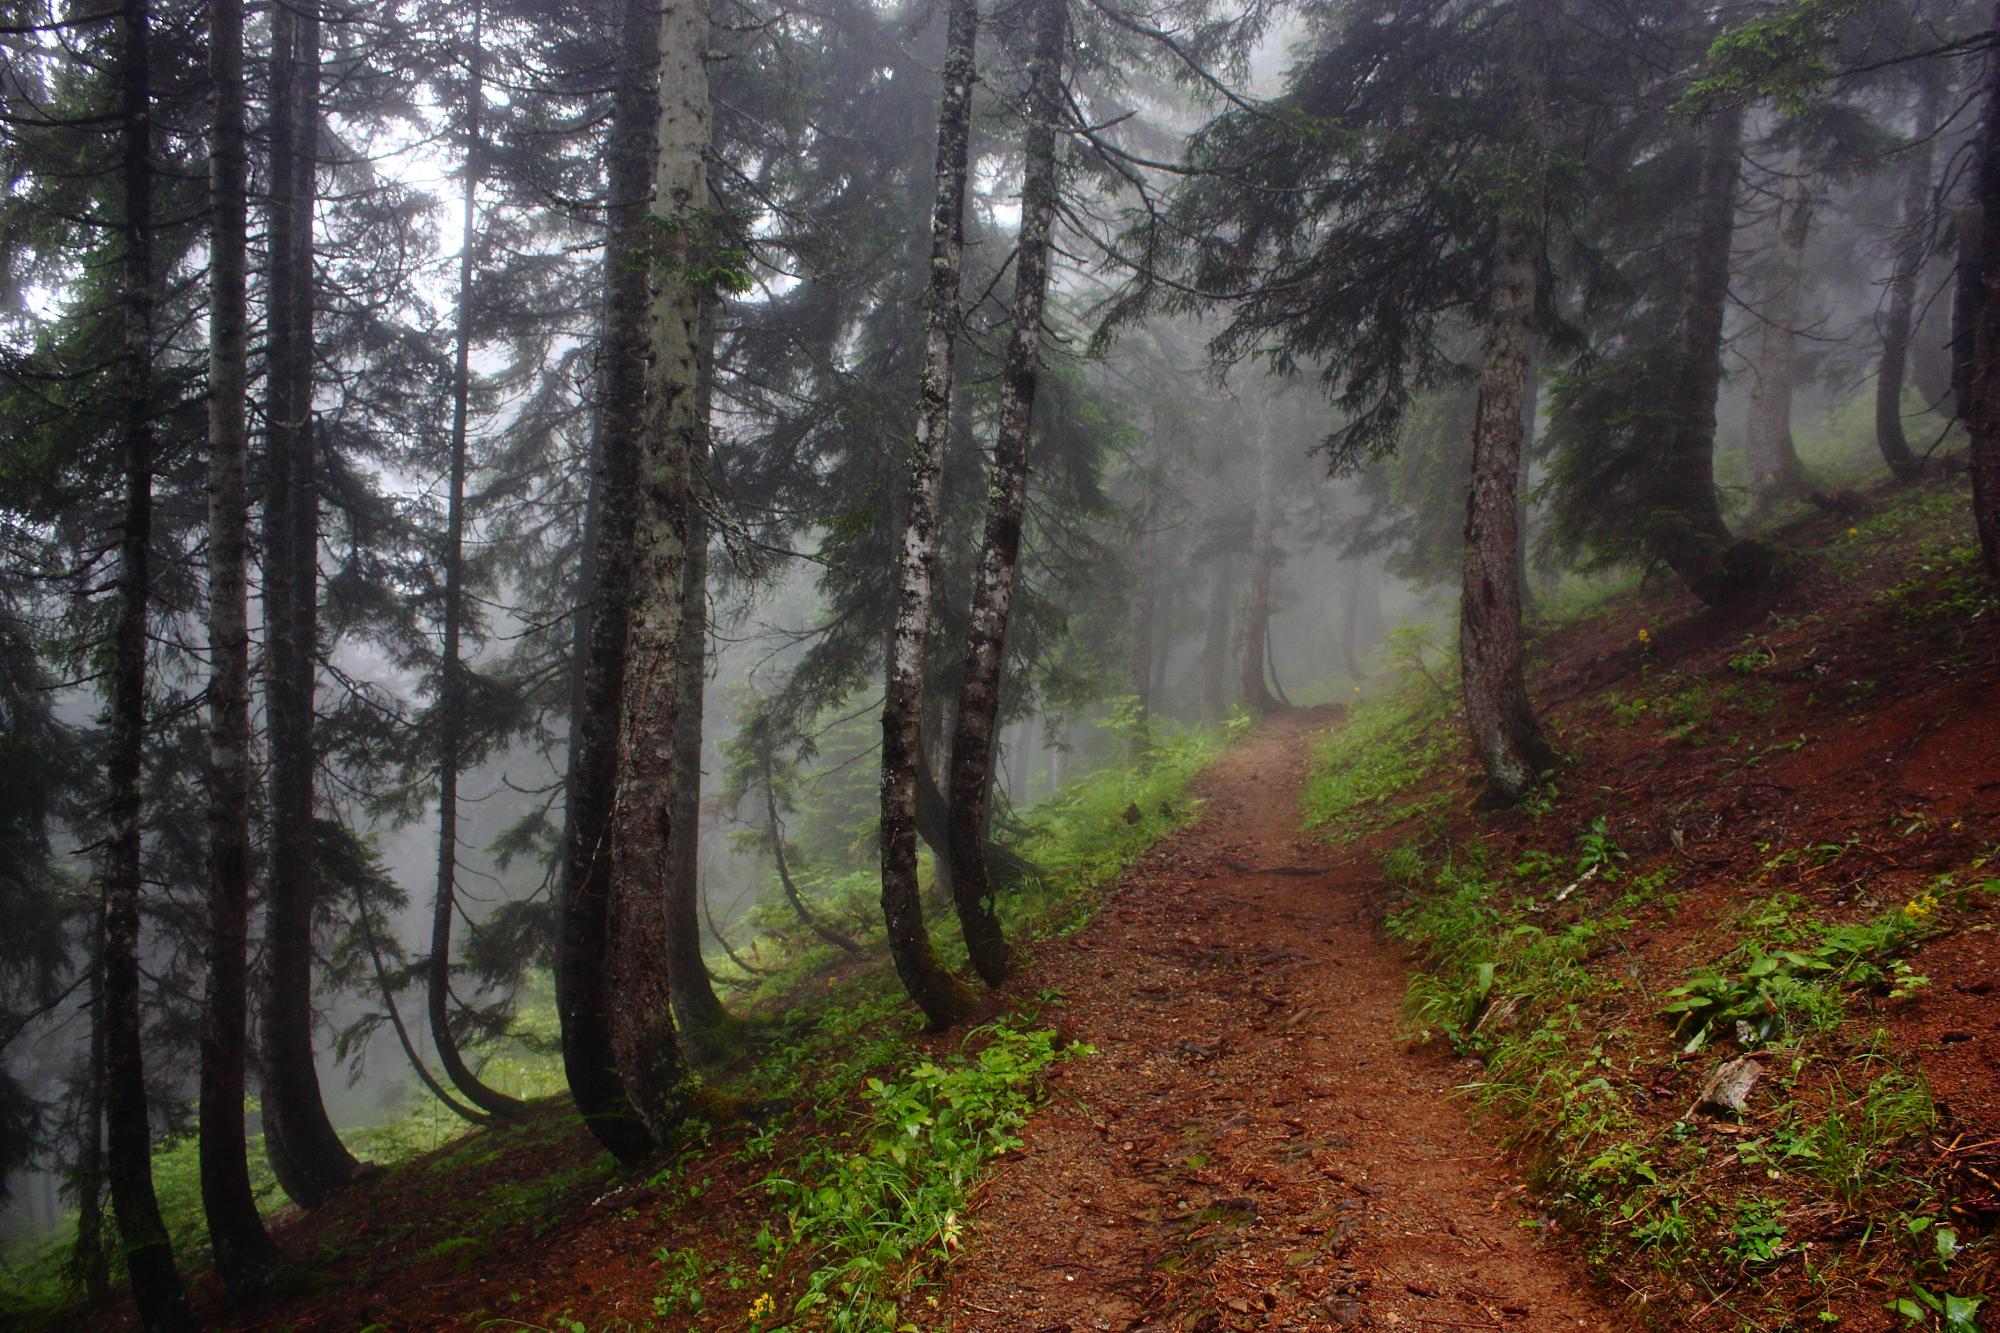 Pokut'dan Sal'a orman içinden yürüyüş